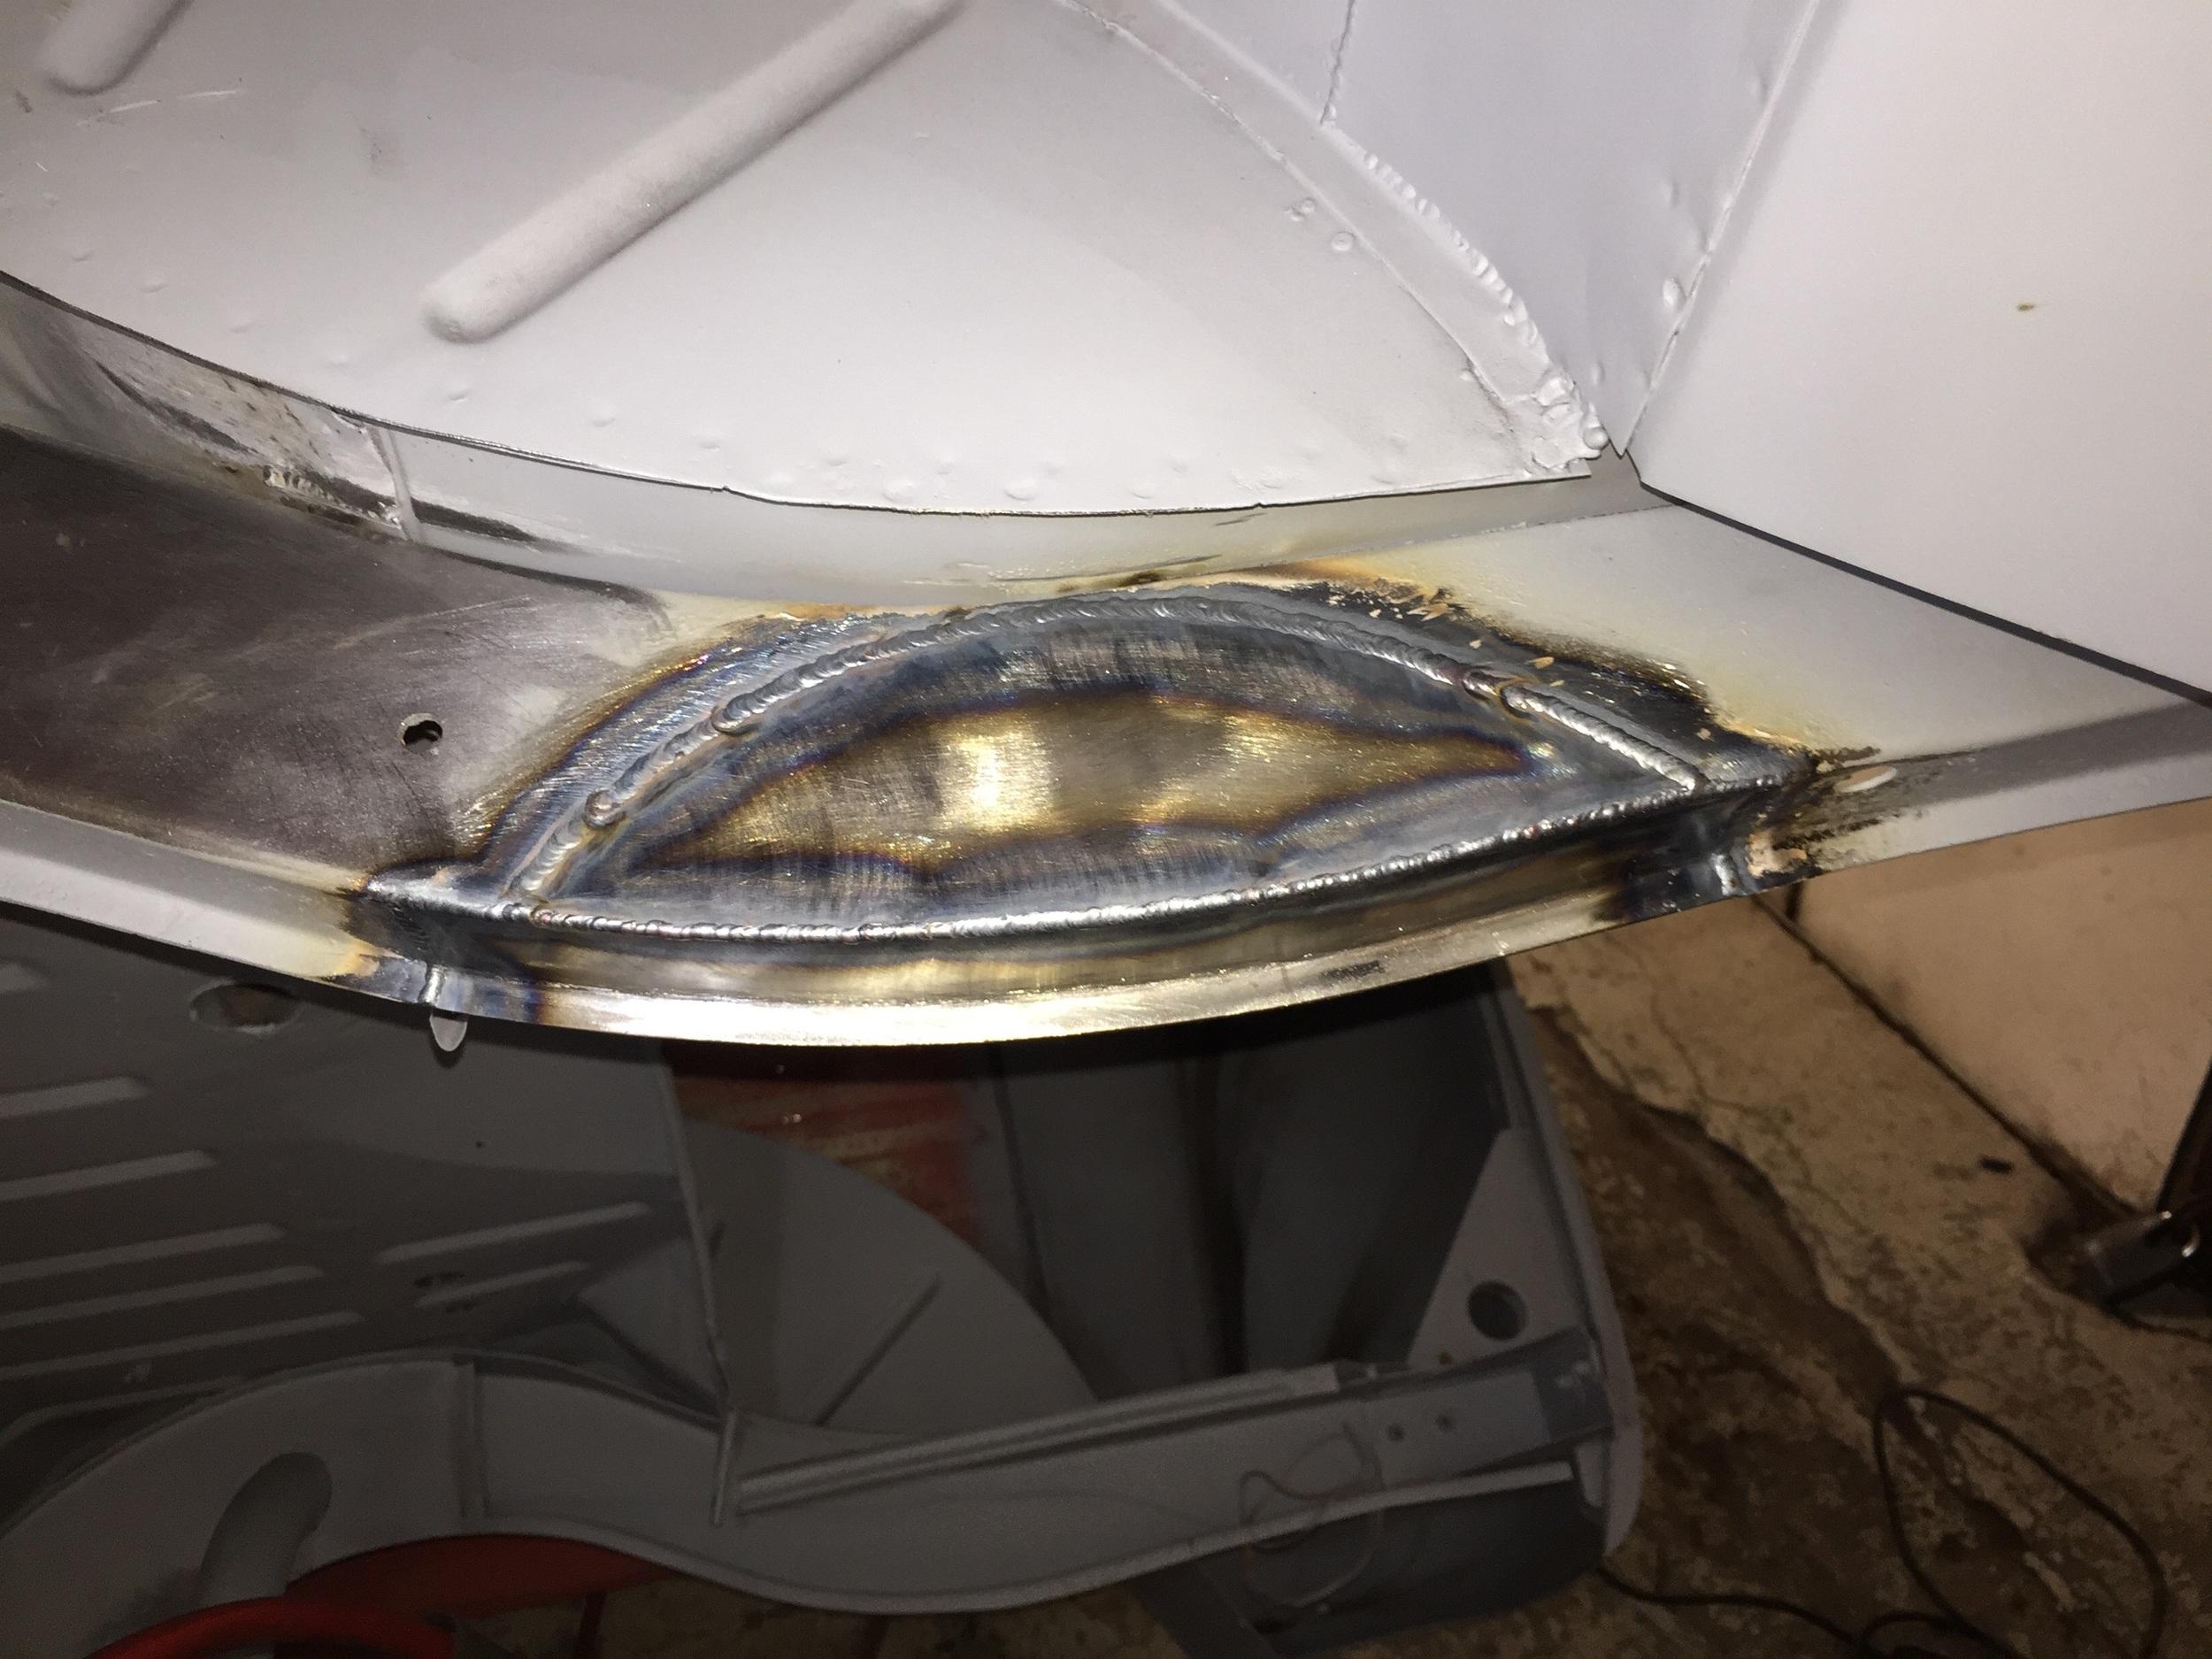 Heavy penetration welding